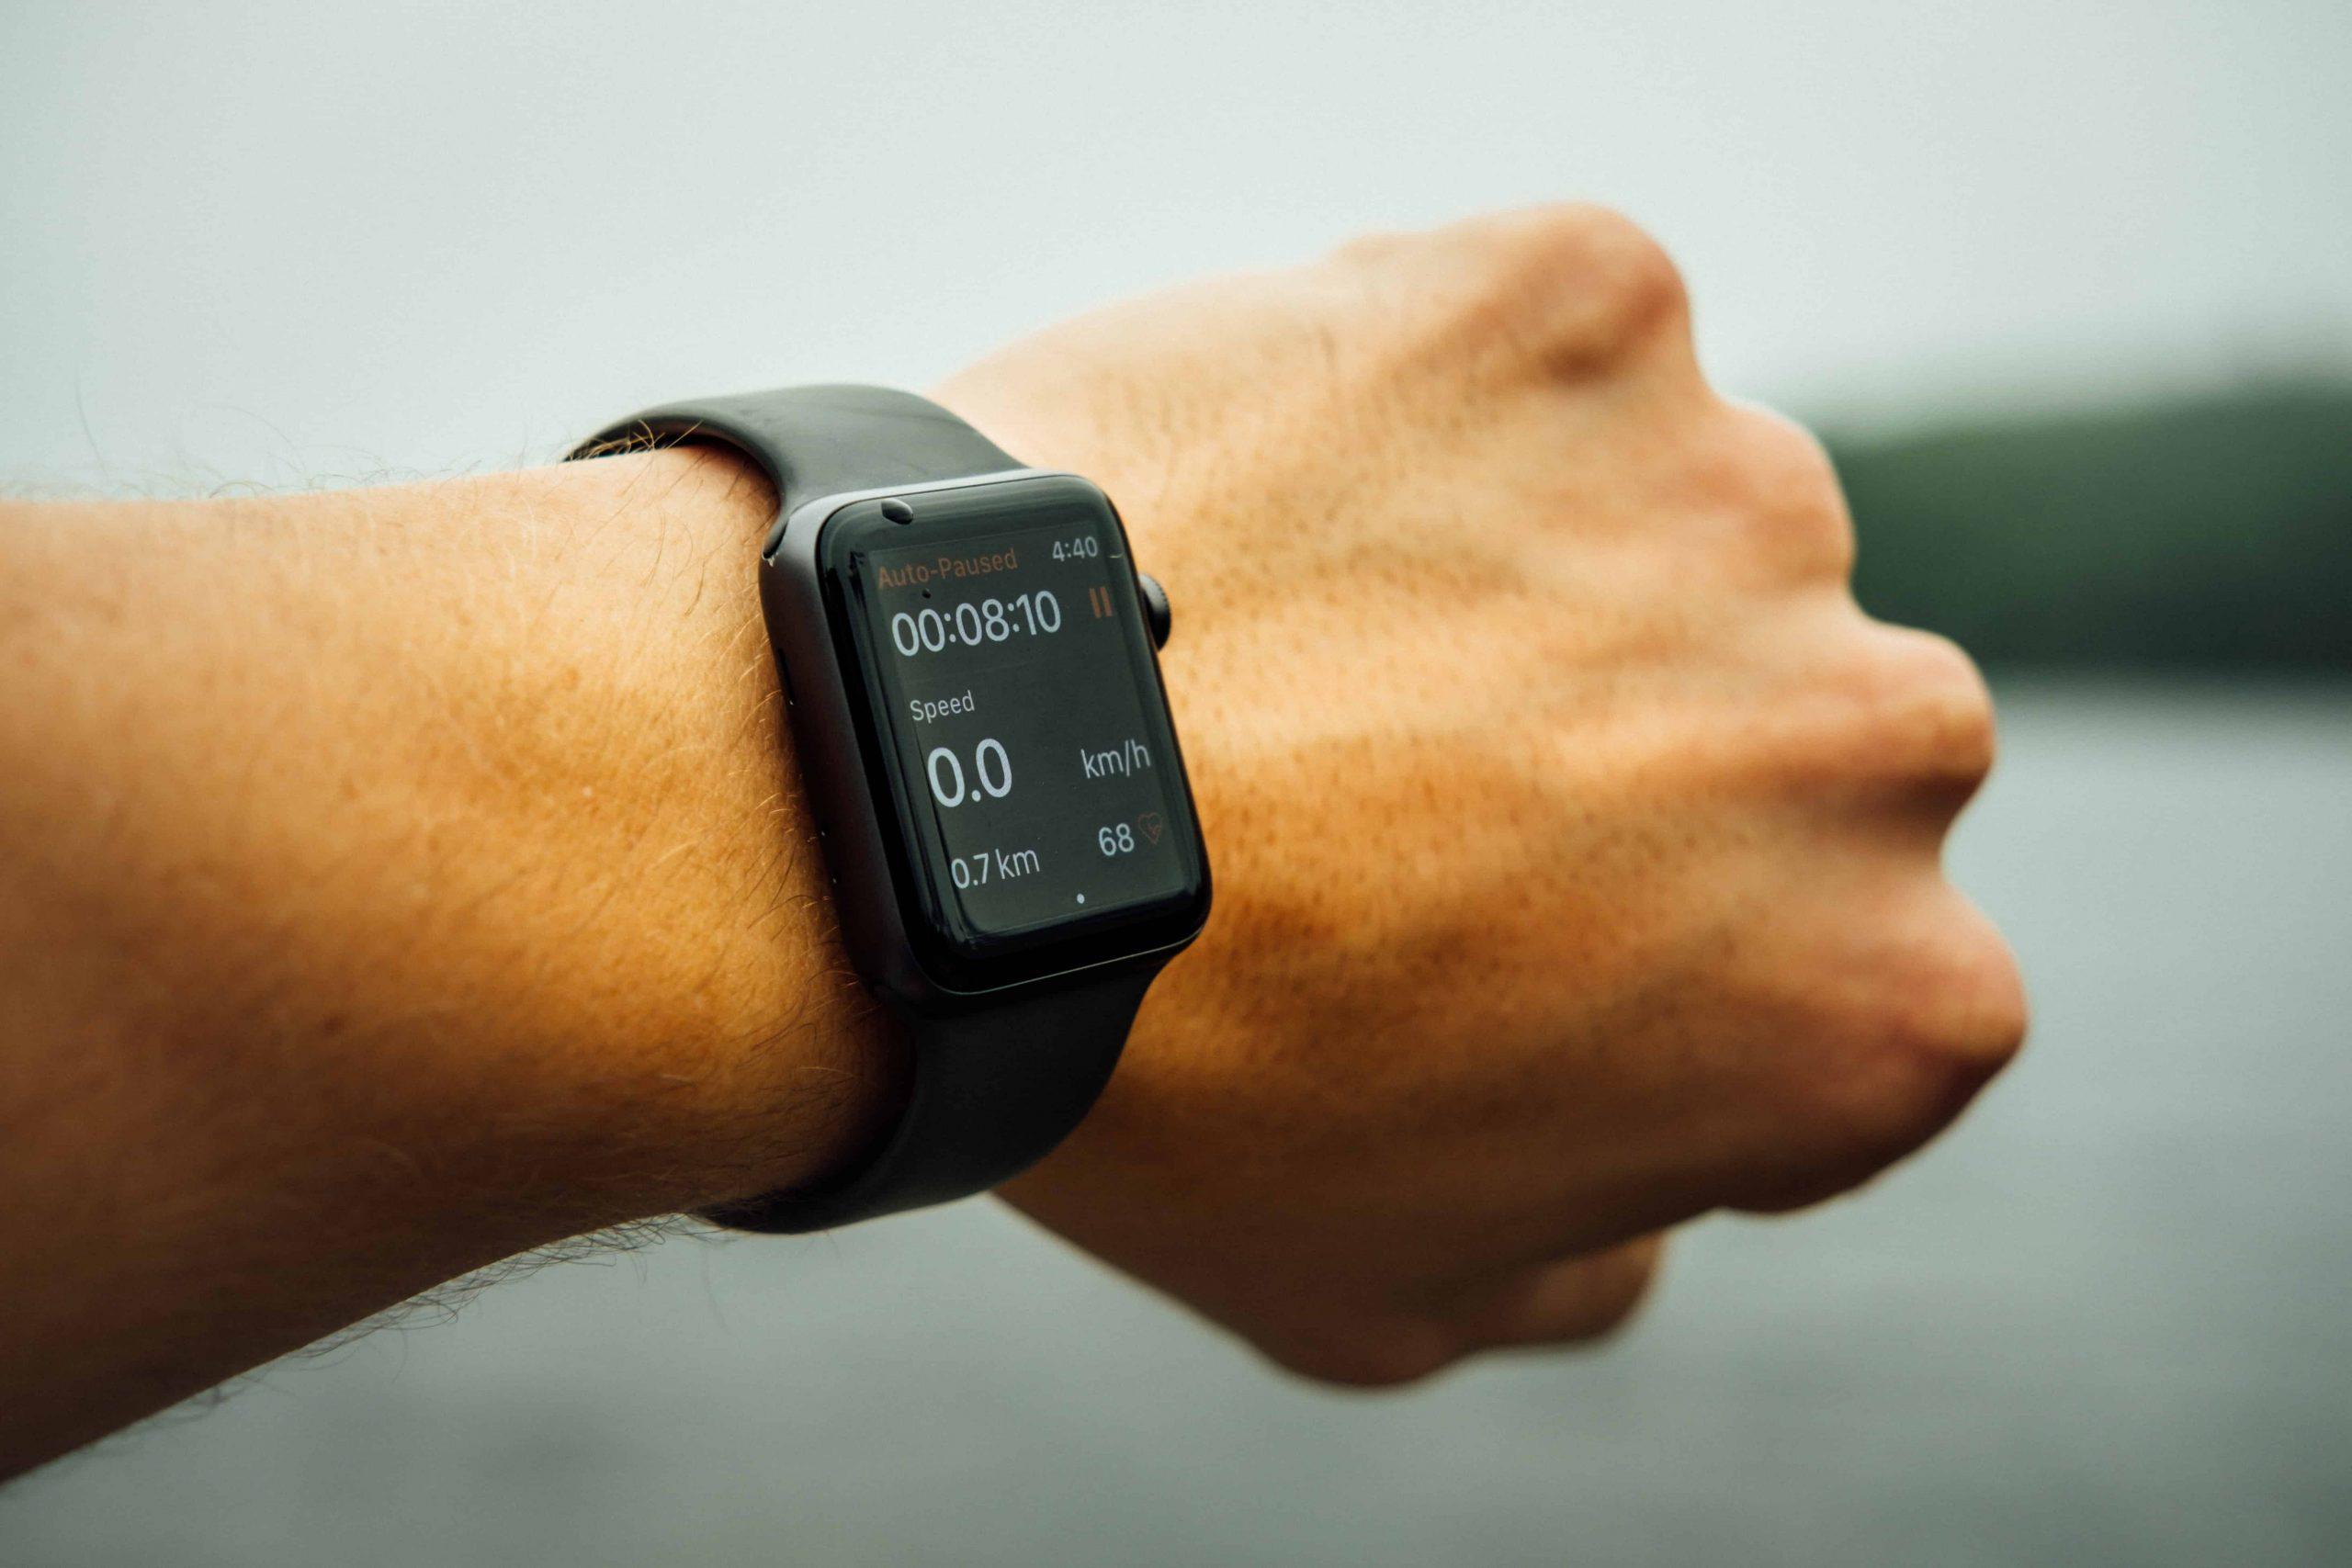 GPS Uhr: Test & Empfehlungen (04/20)